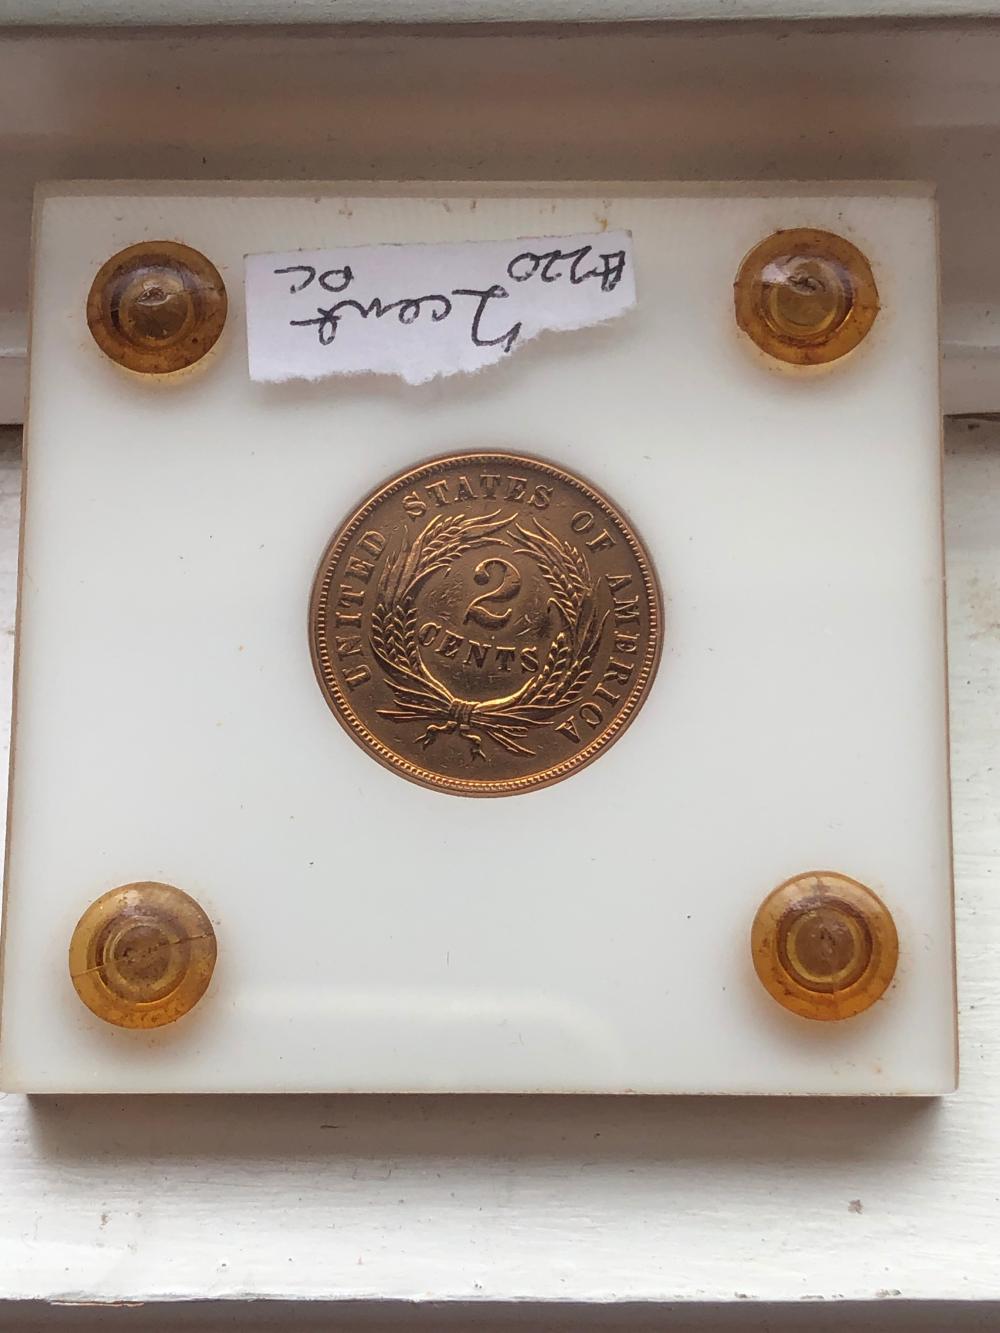 1865 2 Cent Coin Civil War Era